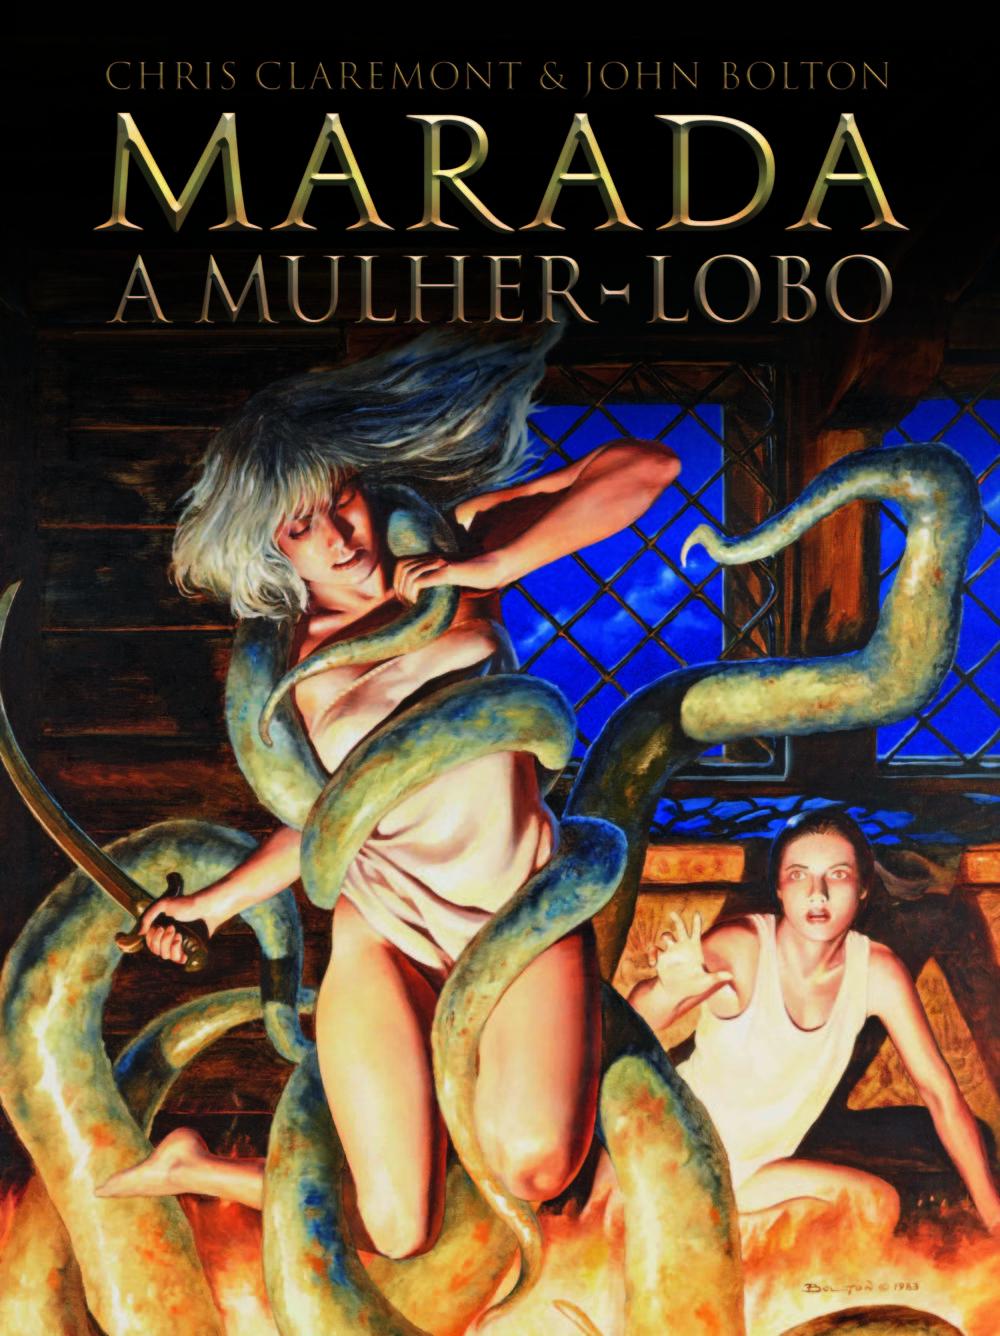 Marada – A Mulher Lobo: confira a capa e uma prévia do álbum de Chris Claremont e John Bolton que será publicado pela Pipoca & Nanquim